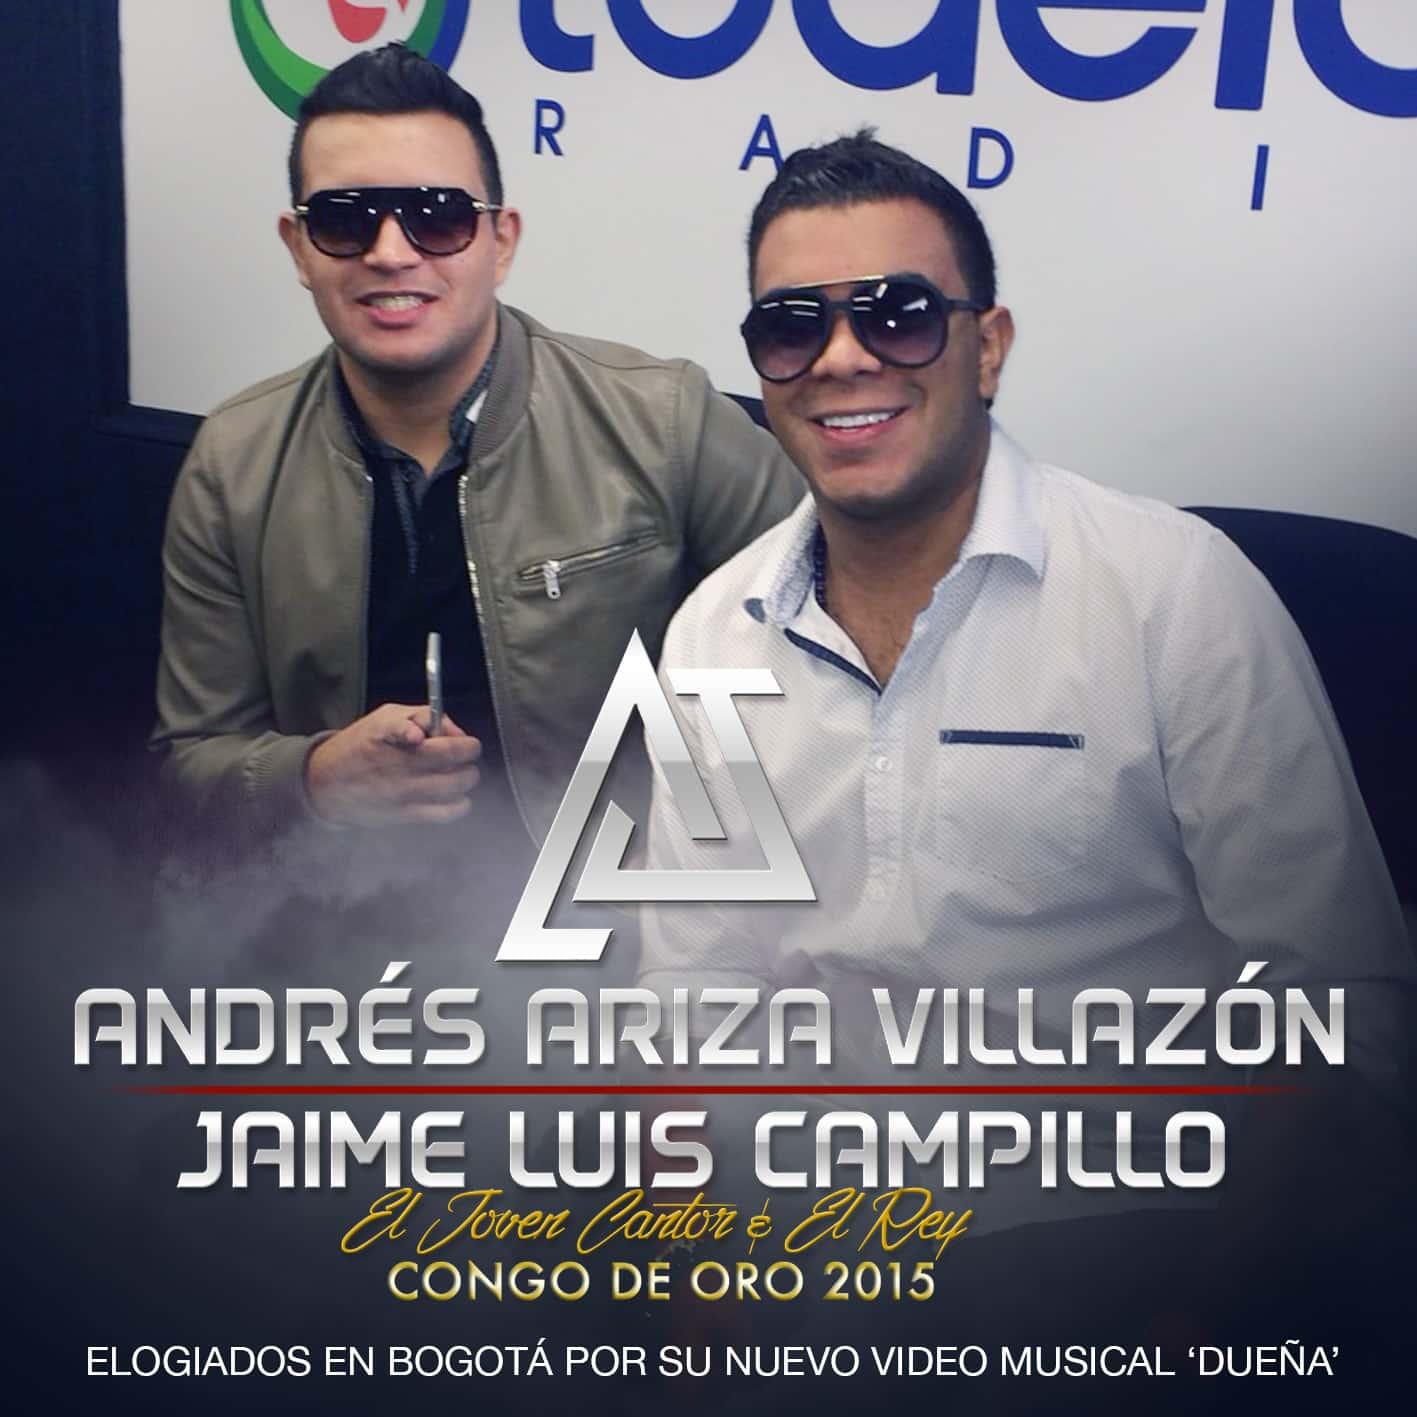 Andres Ariza Villazon & Jaime Luis Campillo